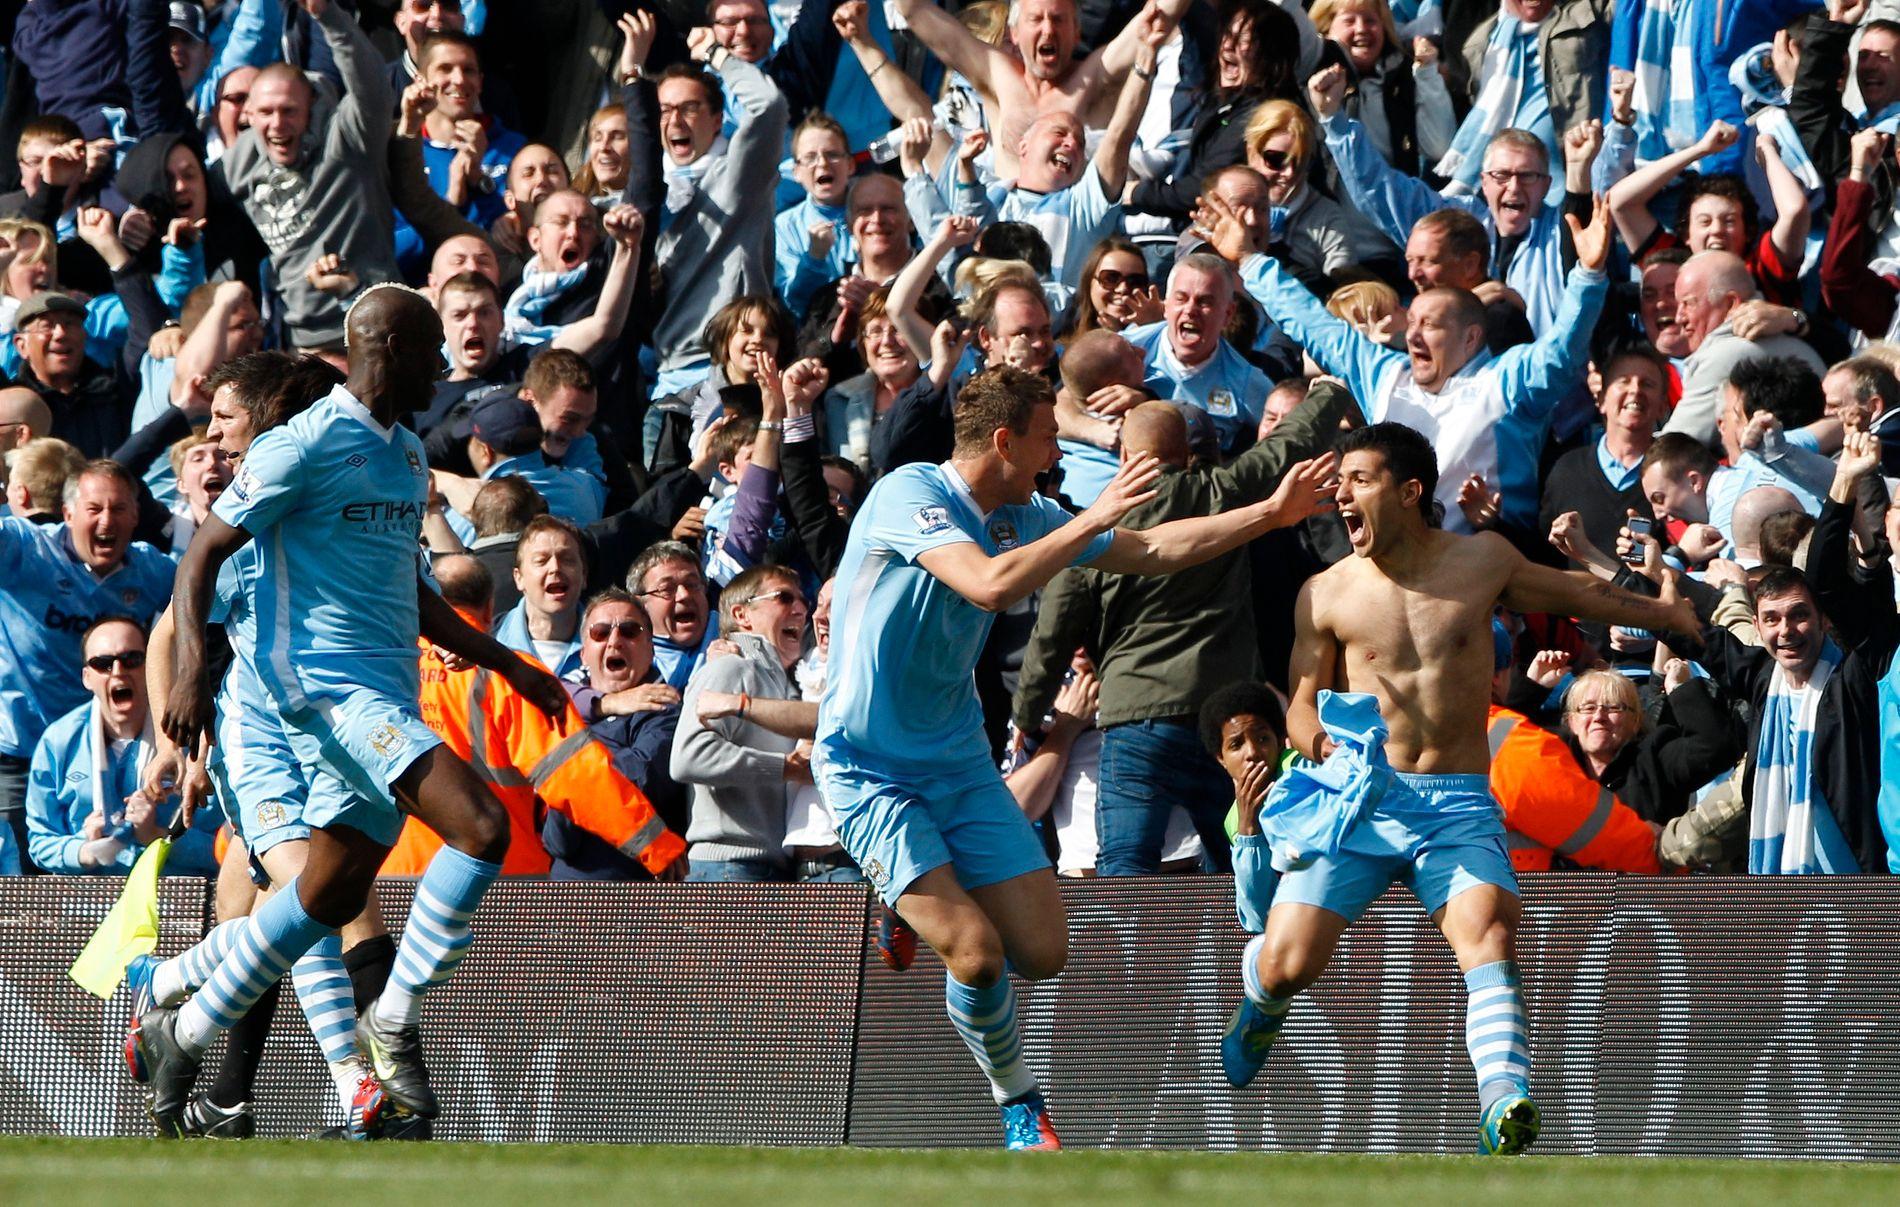 VILL JUBEL: Gledesscenene var enorme da Serigo Aguero sikret ligatittelen på overtid for Manchester City i 2012.